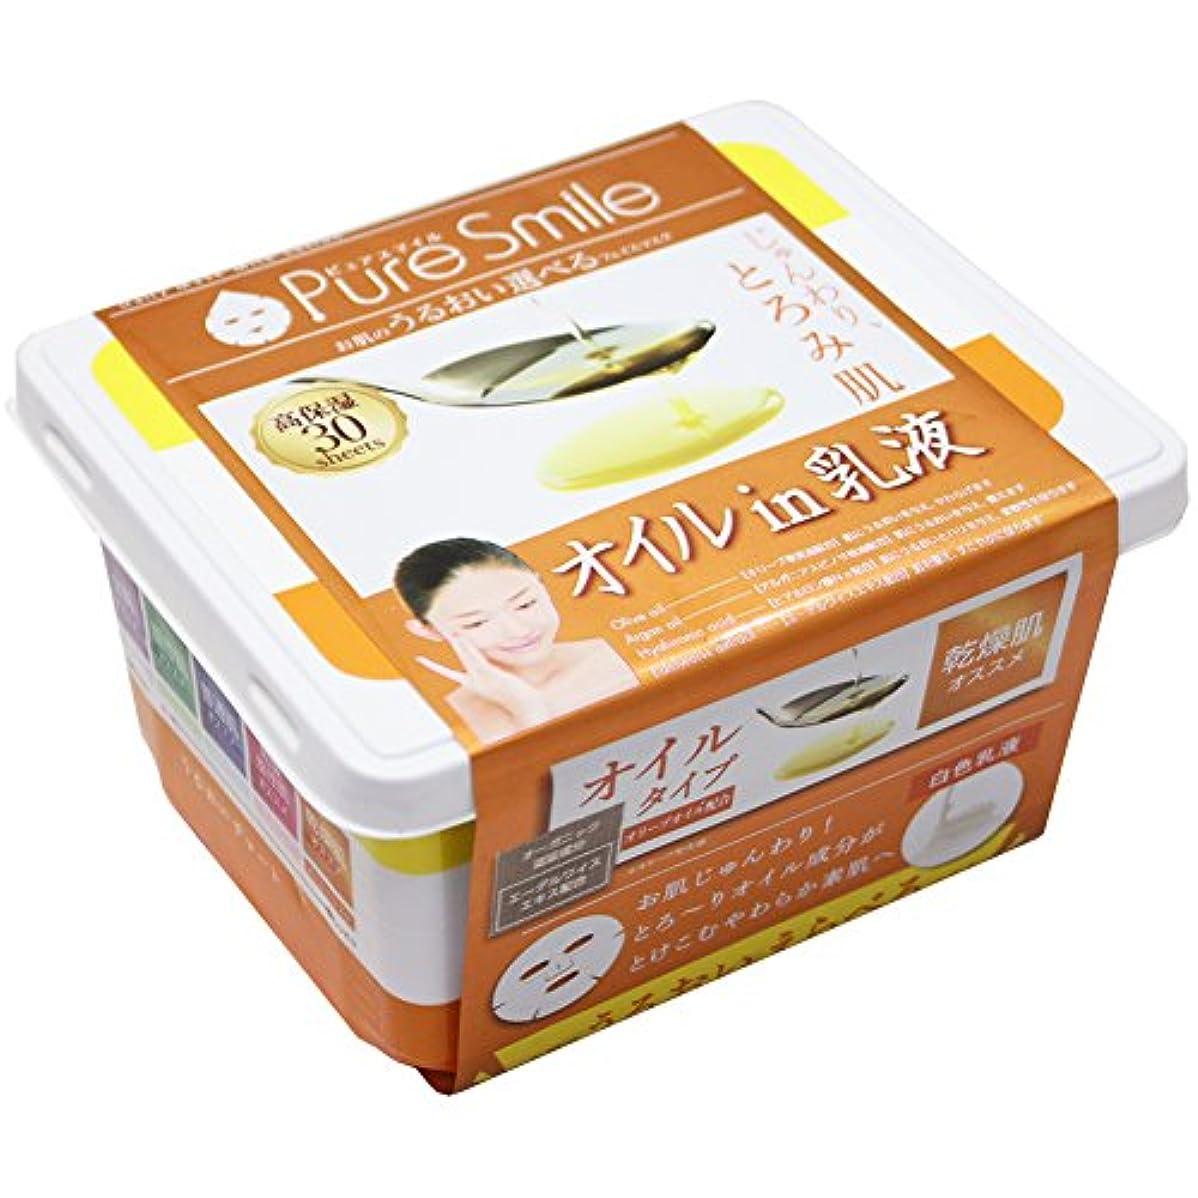 単独で教授充電PureSmile(ピュアスマイル) フェイスパック エッセンスマスク 30枚セット オイルin乳液?3S05